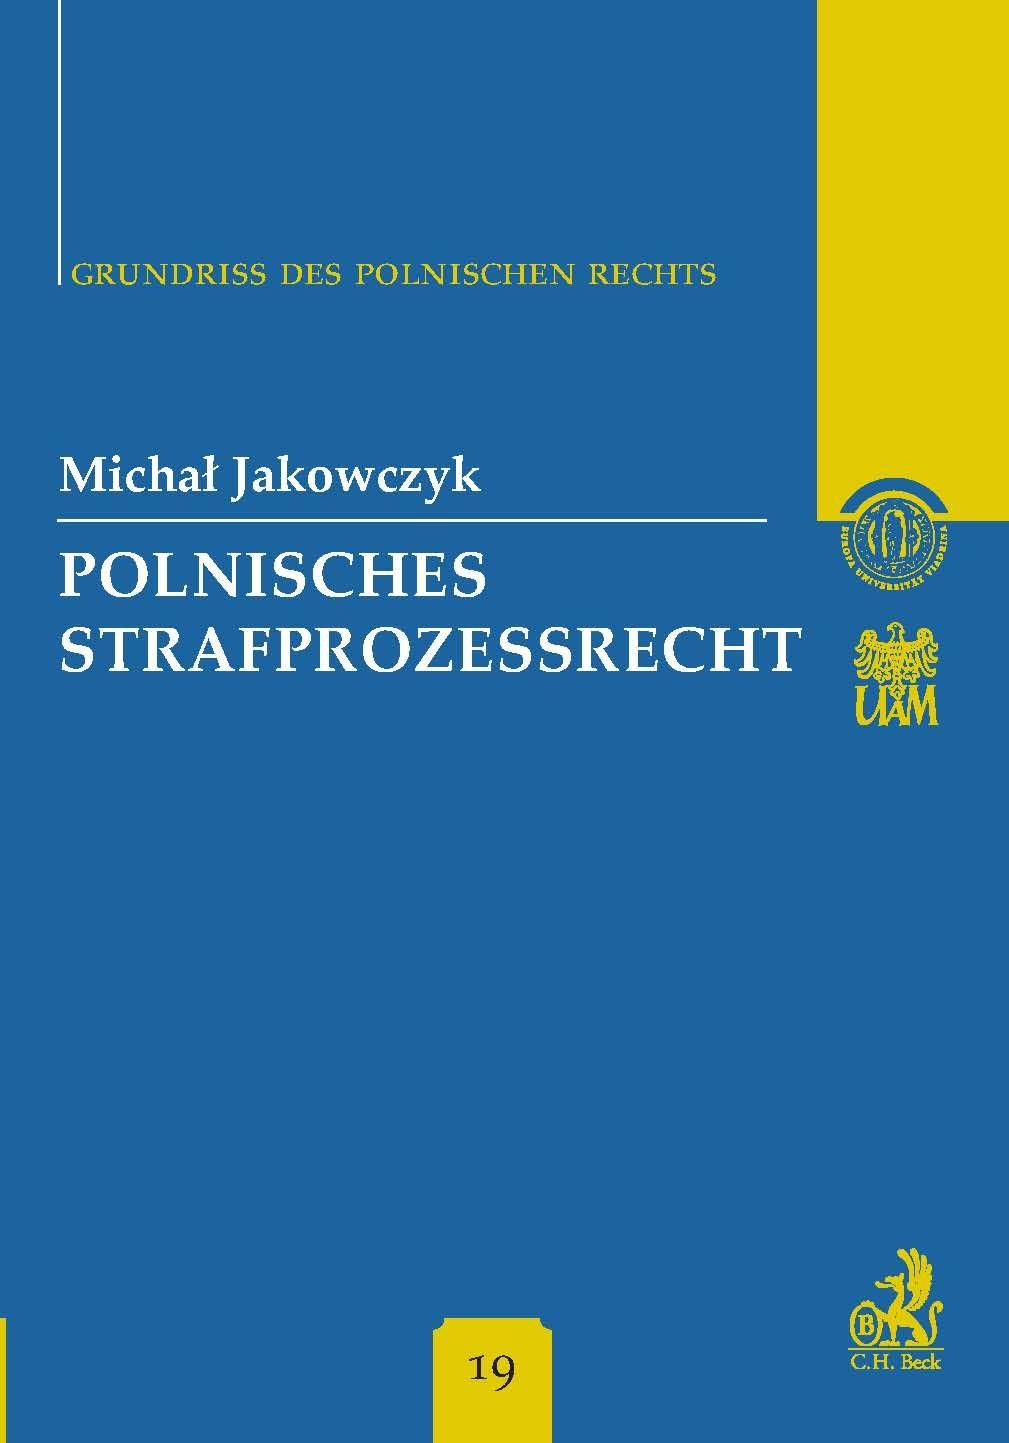 Polnisches Strafprozessrecht Band 19 - Ebook (Książka PDF) do pobrania w formacie PDF